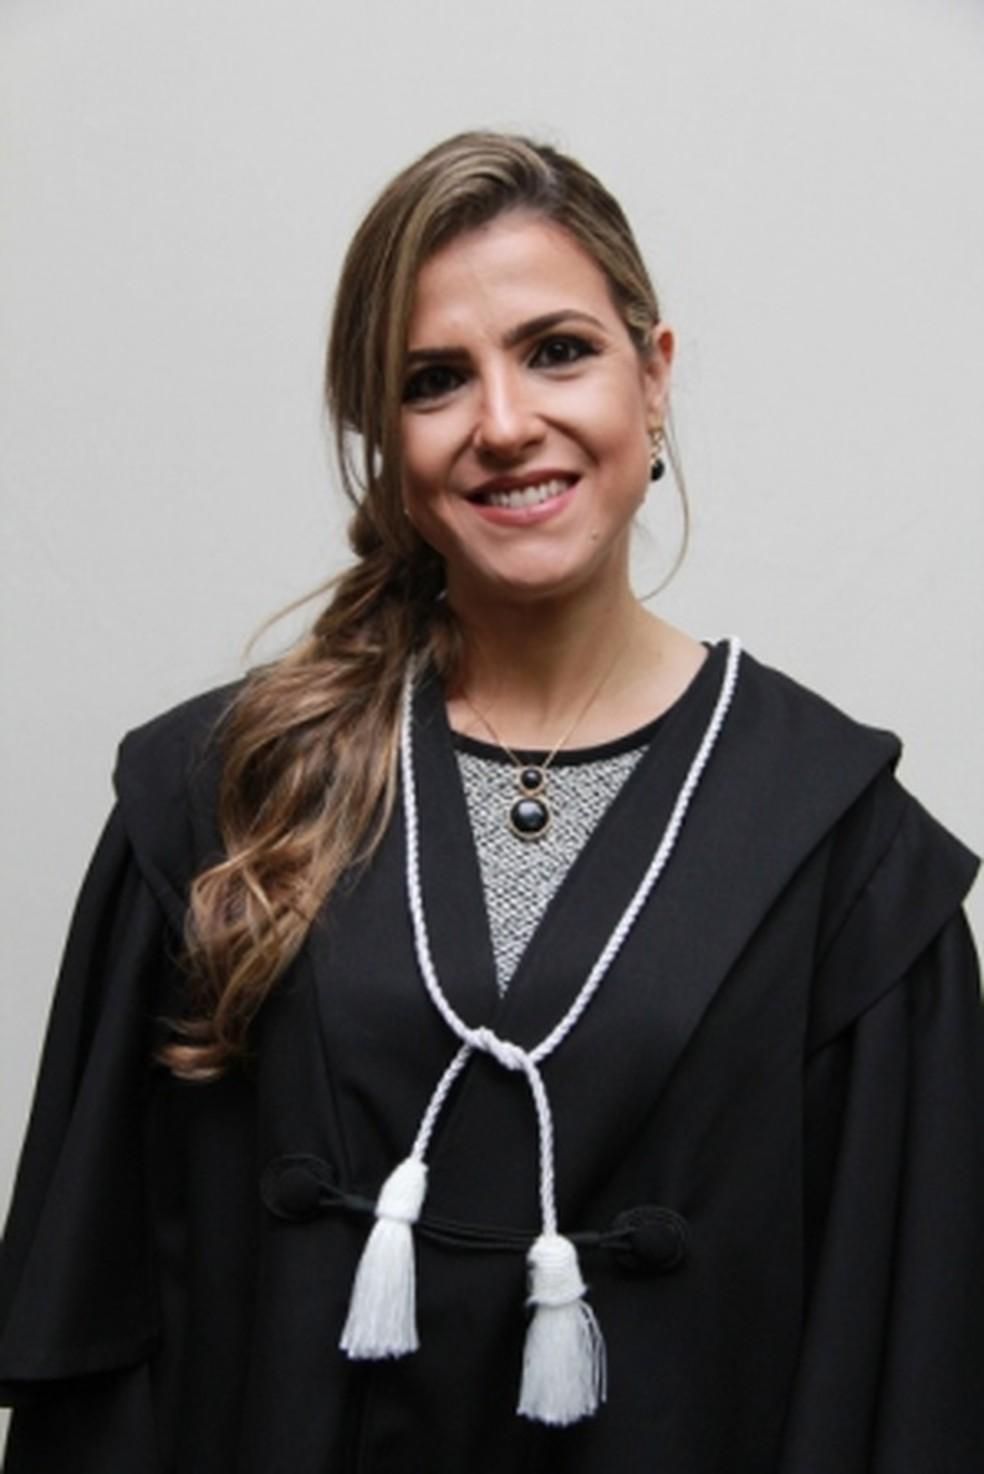 Janaina Cristina de Almeida é juíza e diretora da Comarca de São Félix do Araguaia (MT) — Foto: Arquivo pessoal